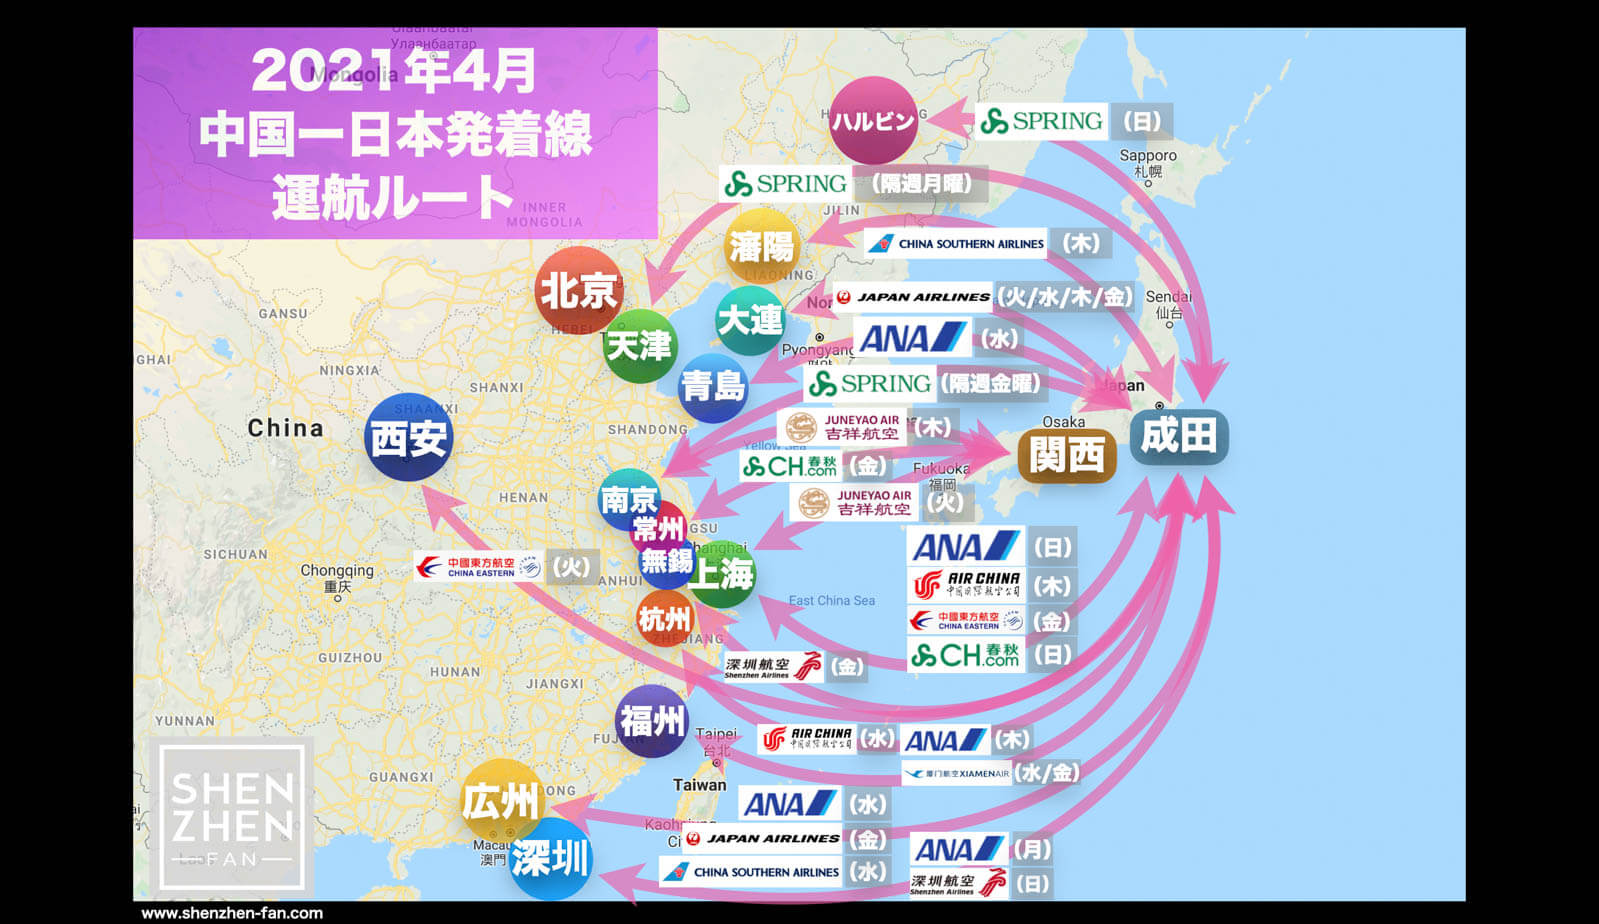 【2021年4月版】中国発着 国際便運航スケジュール・発着ルート